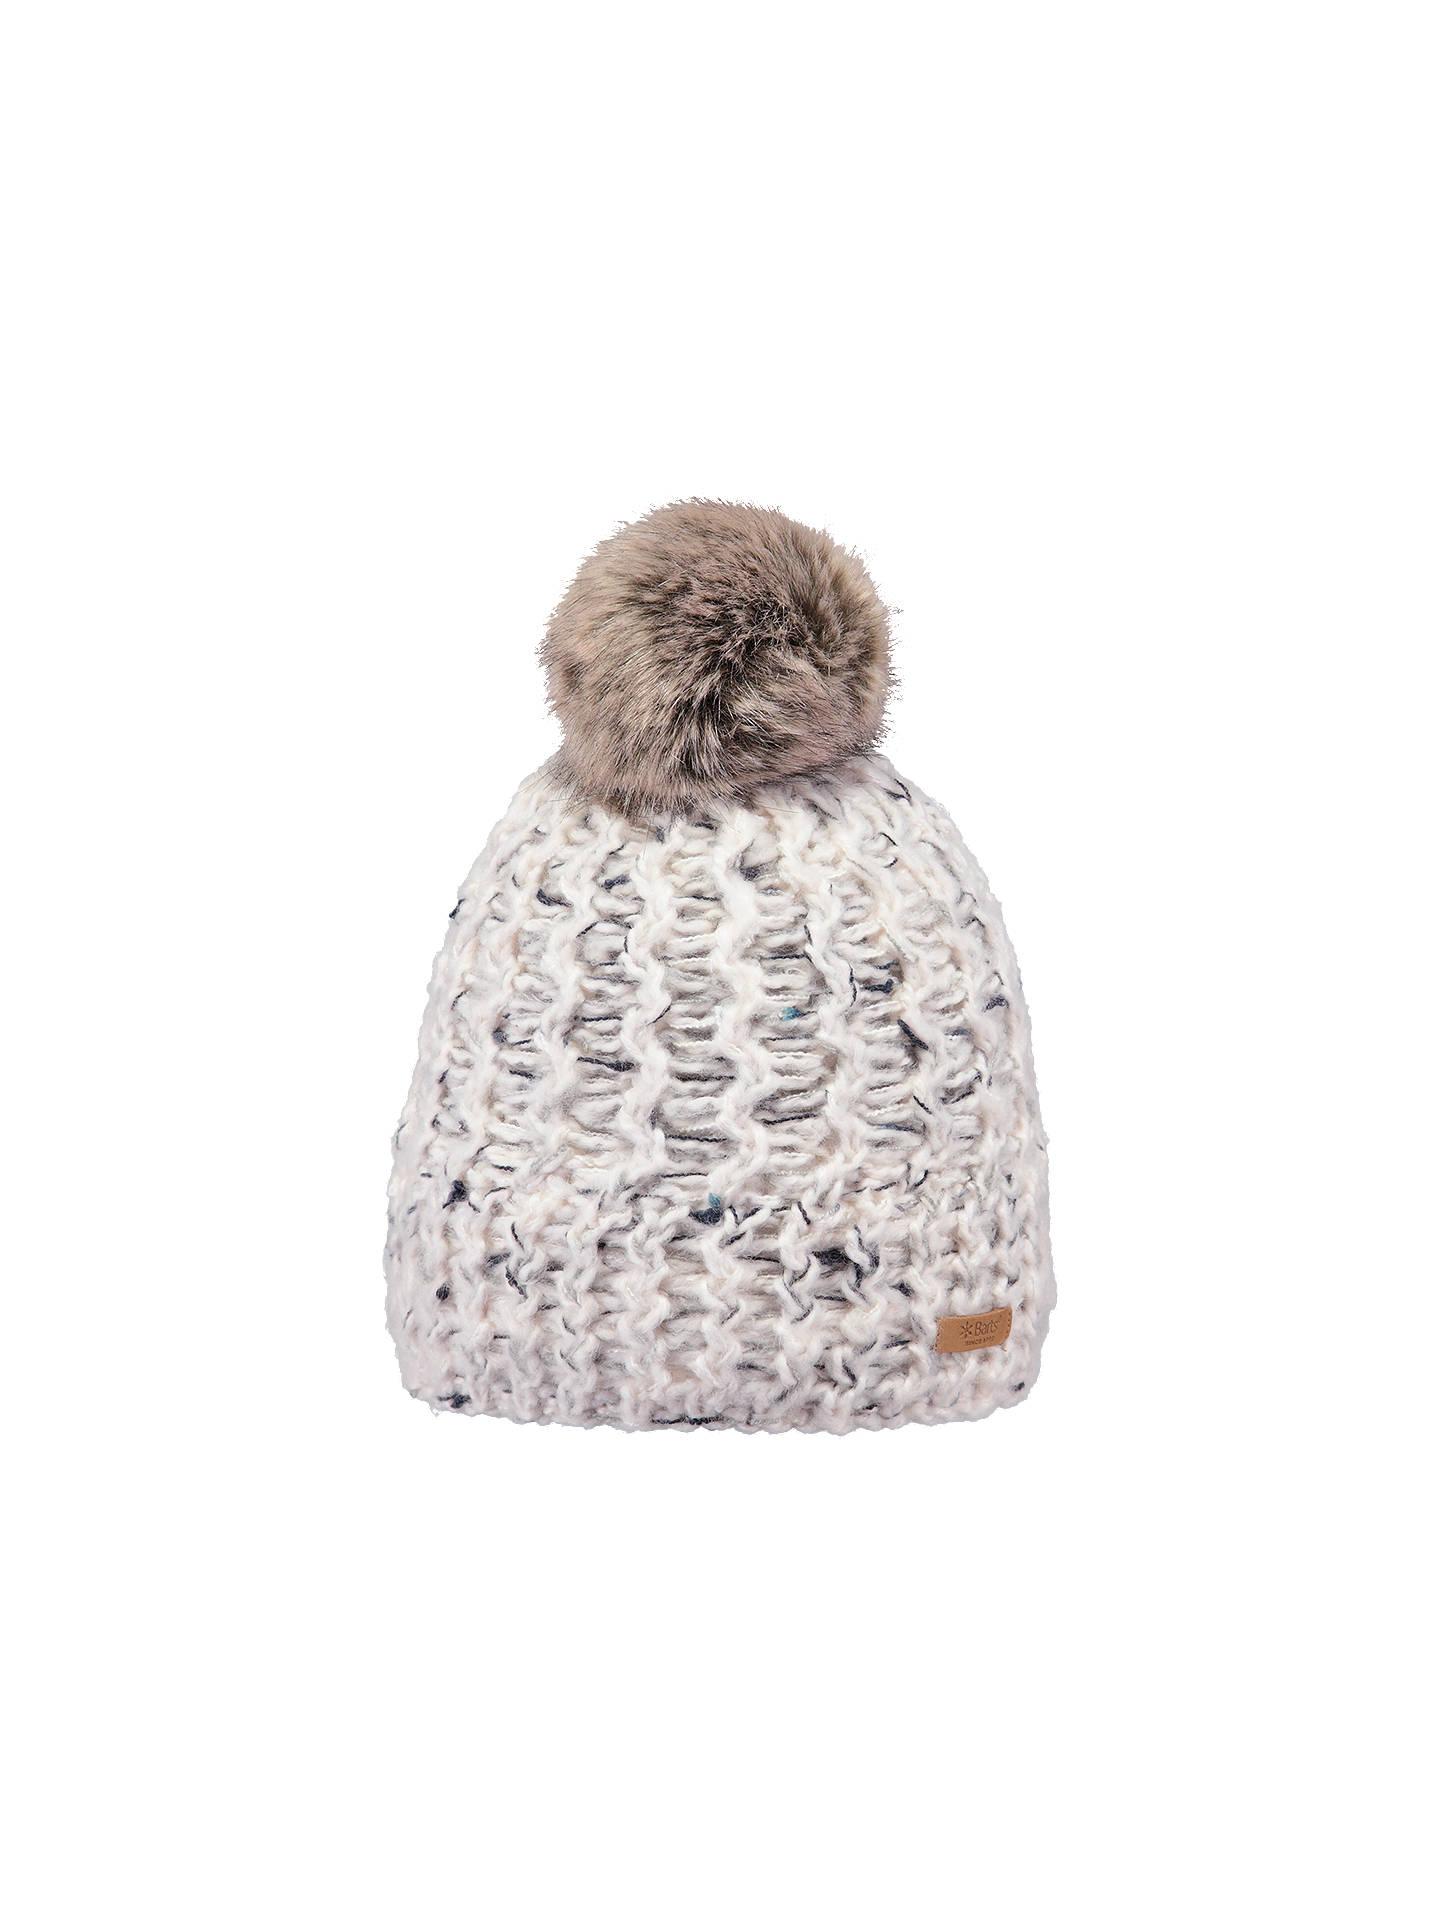 47848aa9bc3 Buy Barts Euny Chunky Pom Pom Beanie Hat